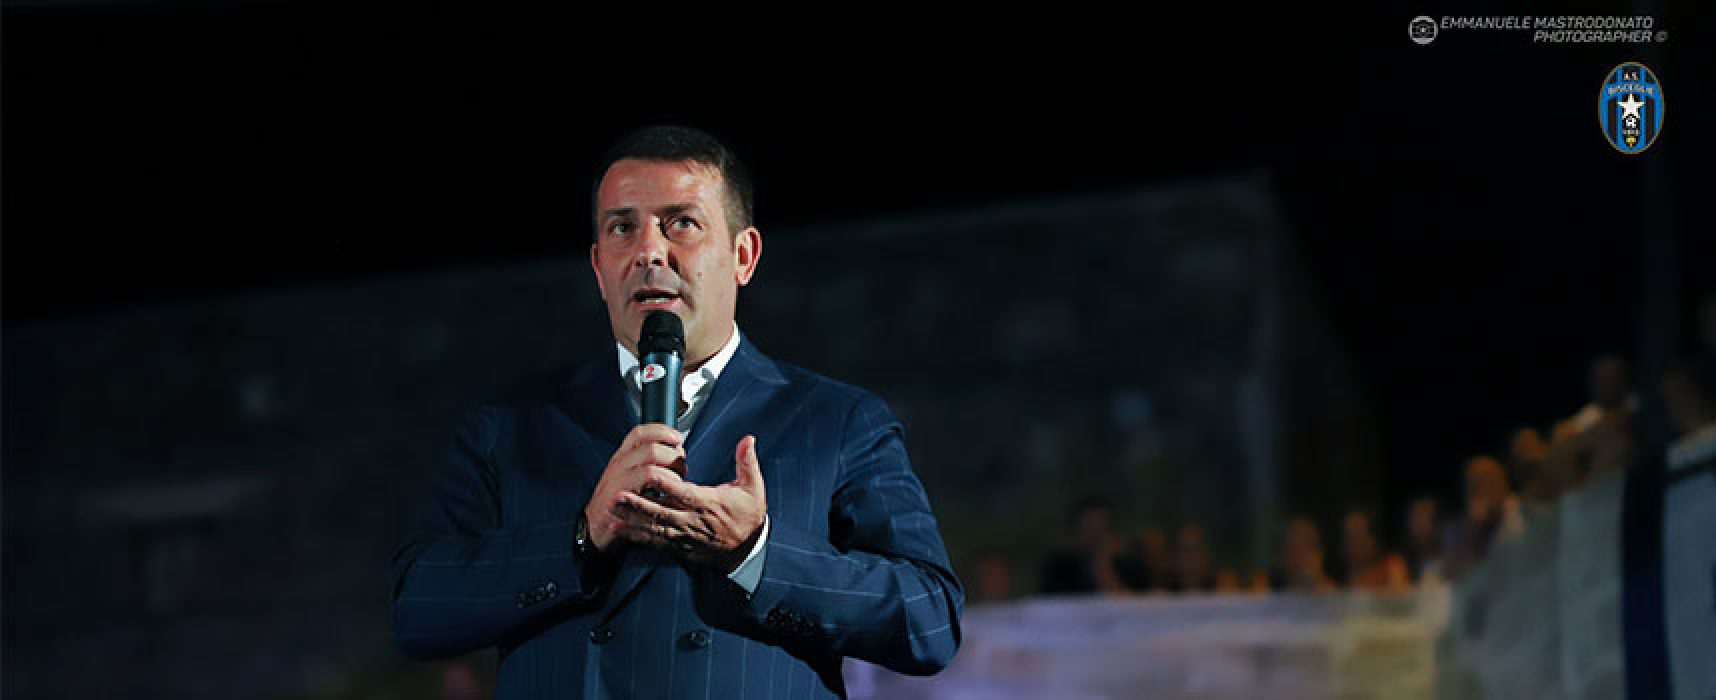 """Canonico: """"Disposto a cedere il club gratuitamente, lascio patrimonio nelle mani del sindaco"""""""